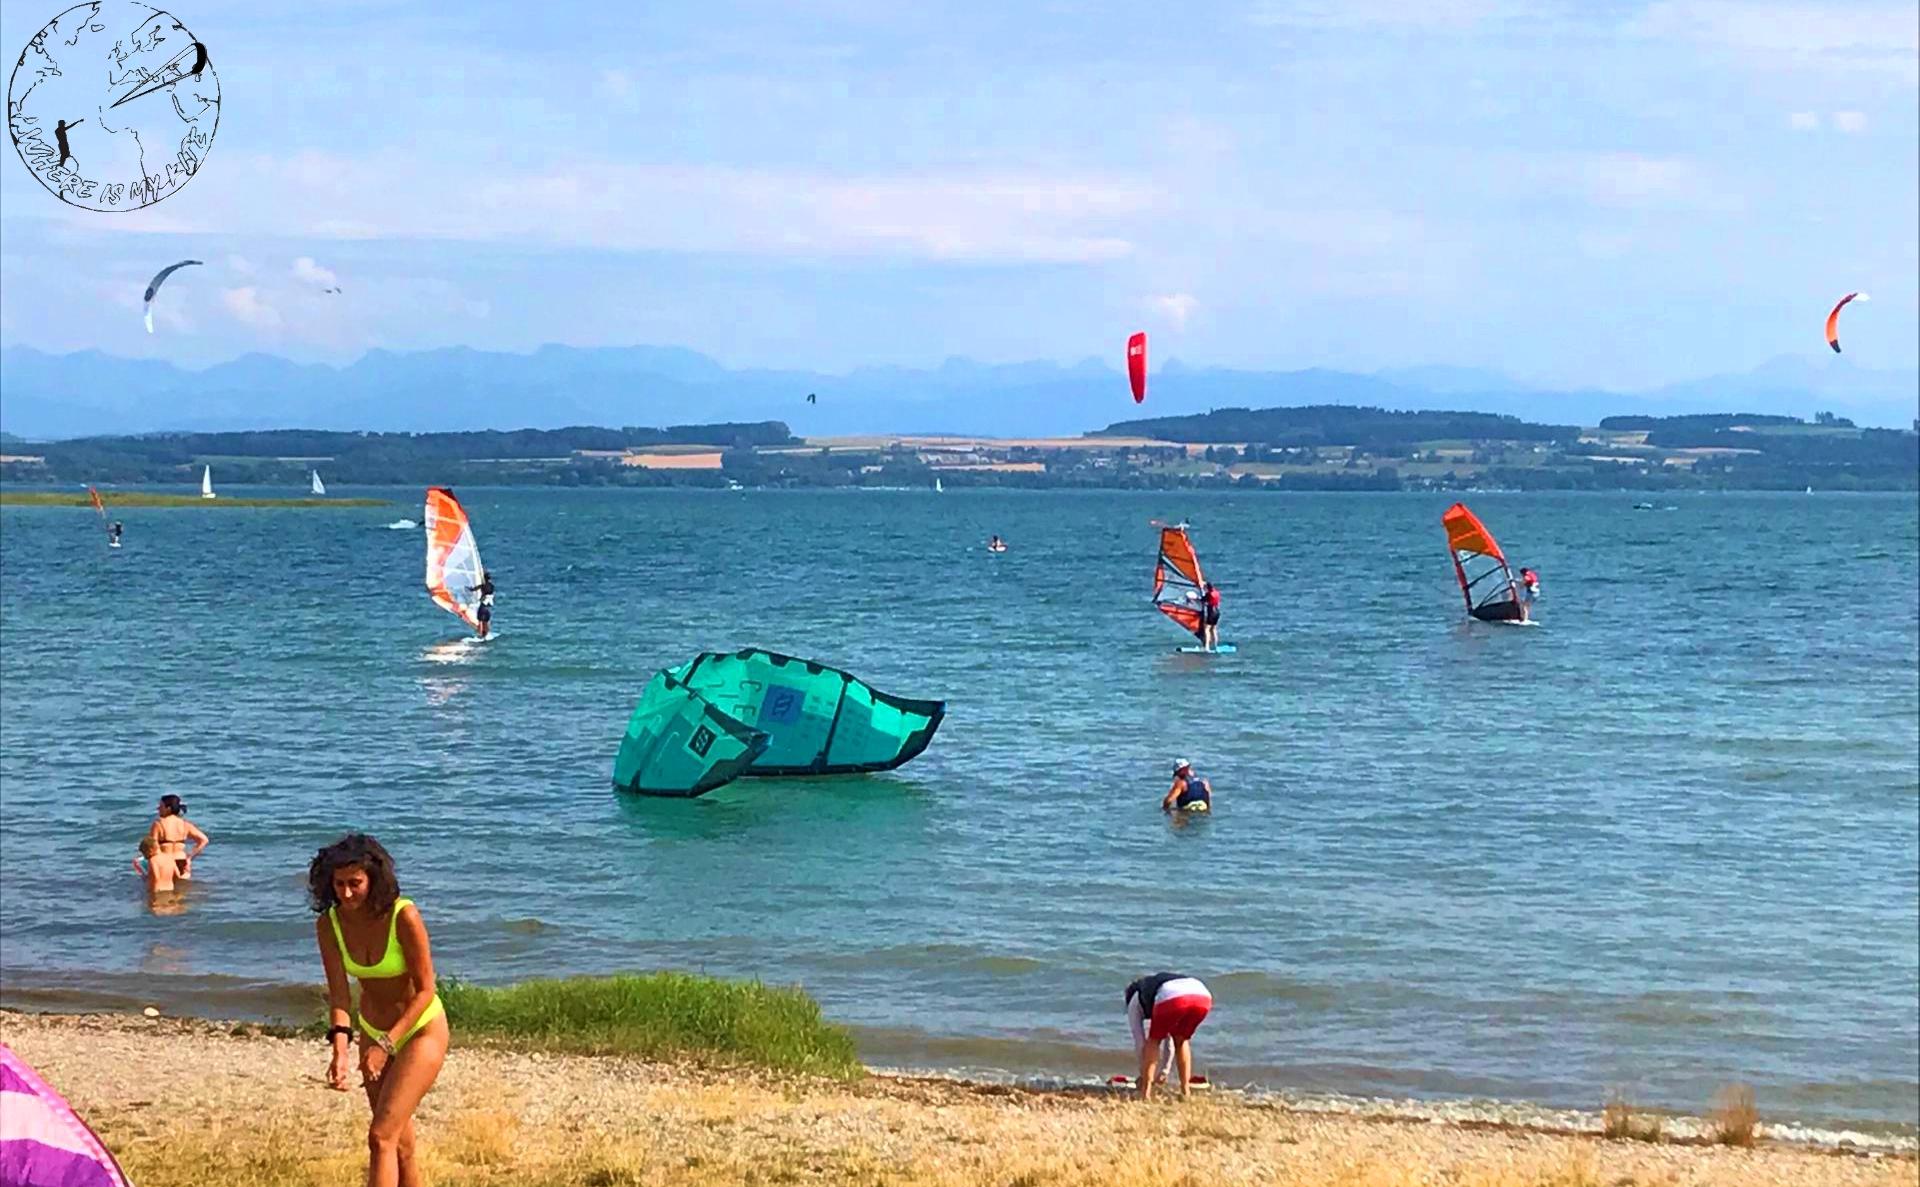 Comment faire un self-rescue en kitesurf